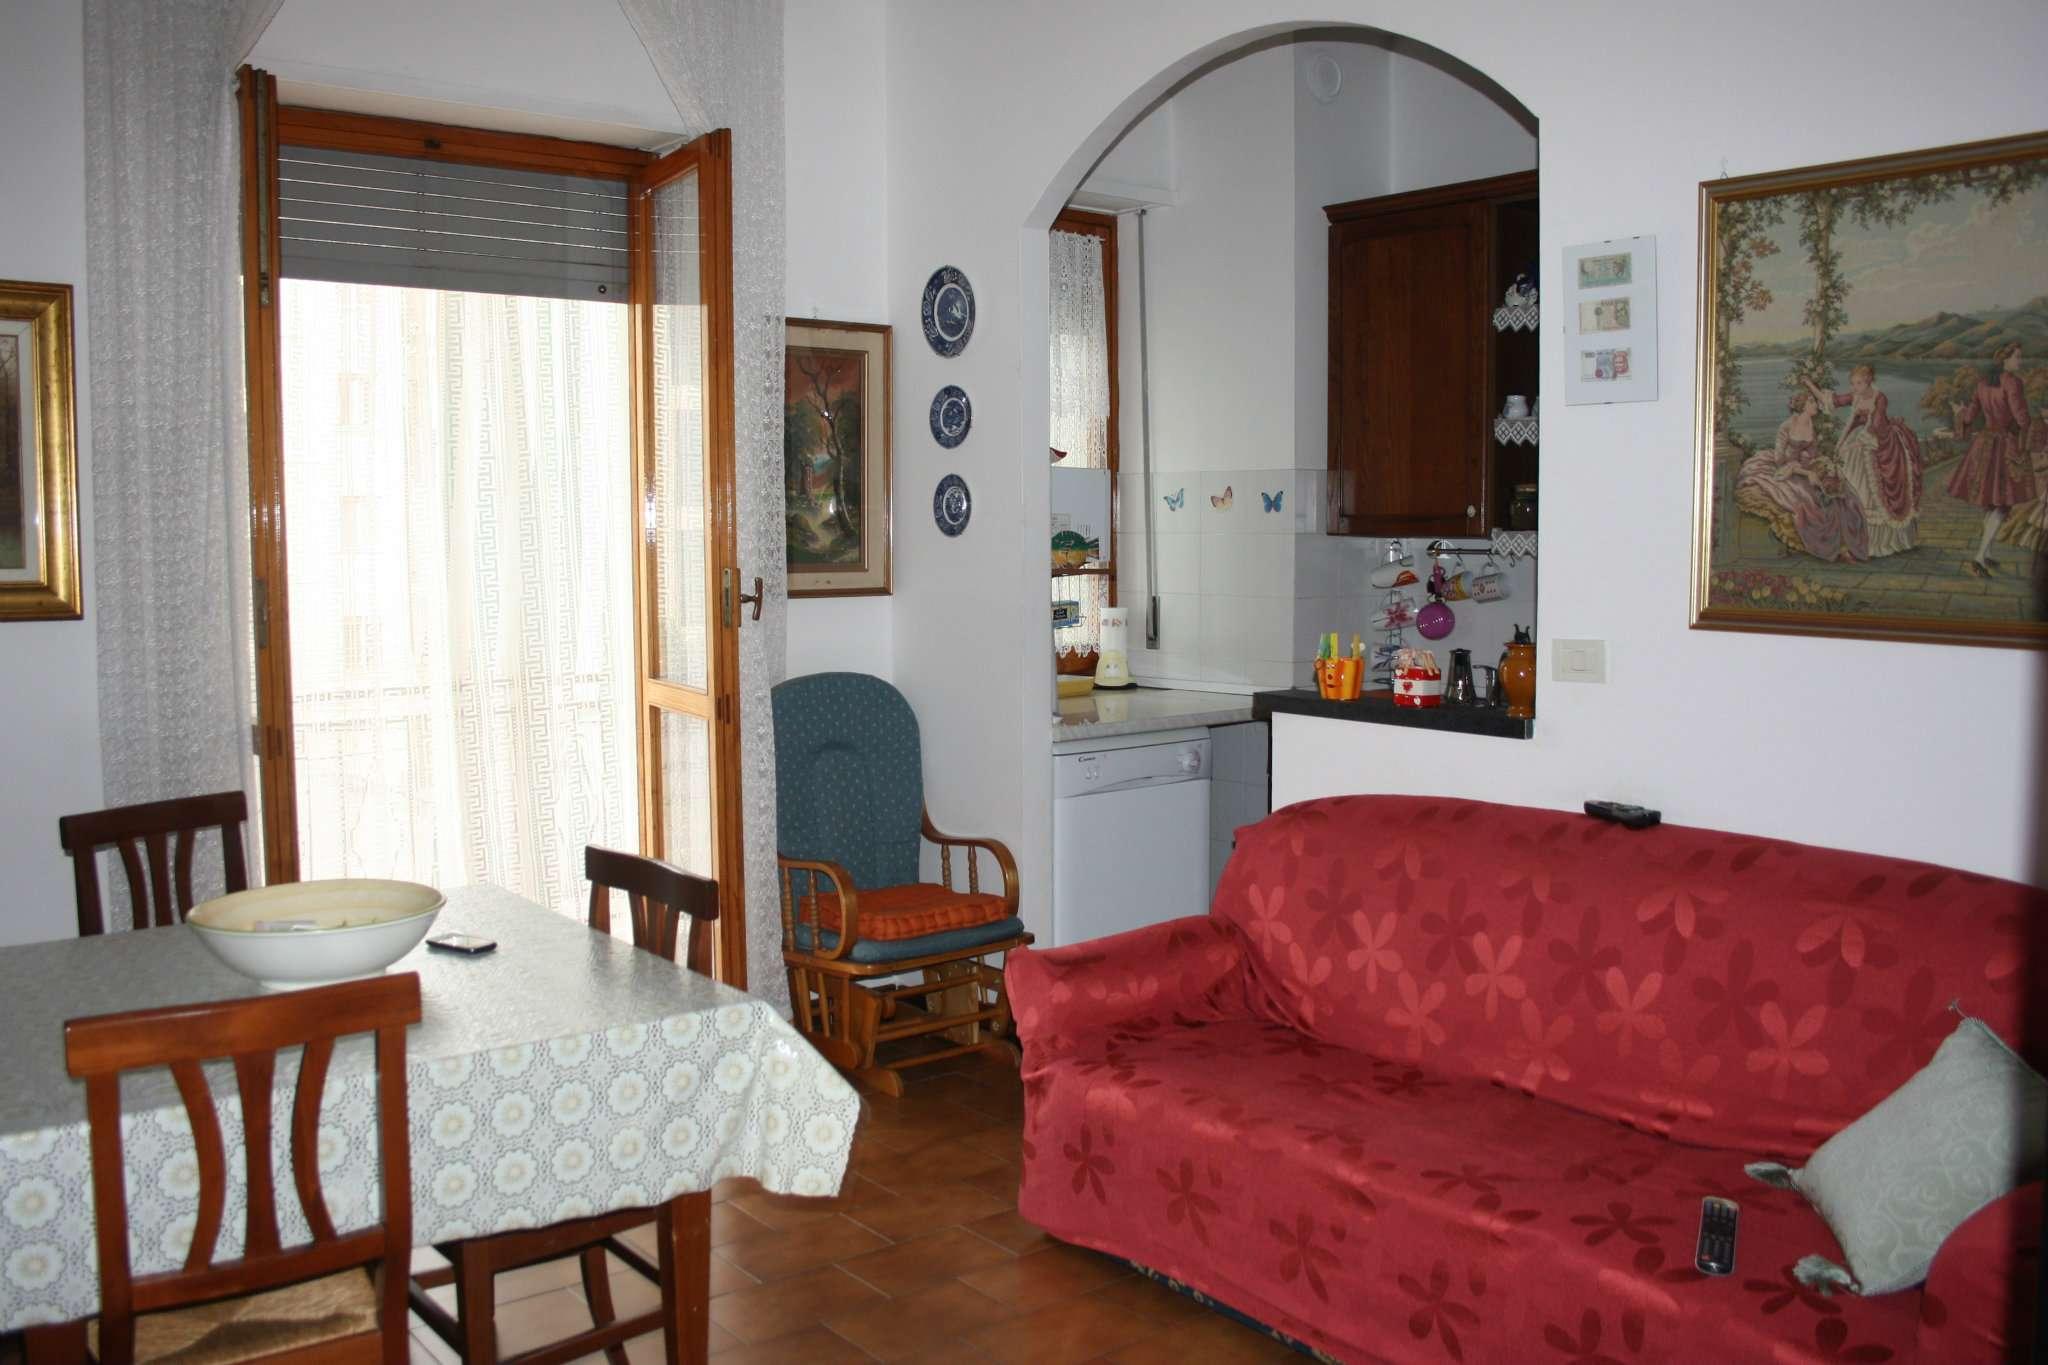 Appartamento in vendita a Bra, 3 locali, prezzo € 97.000 | Cambio Casa.it